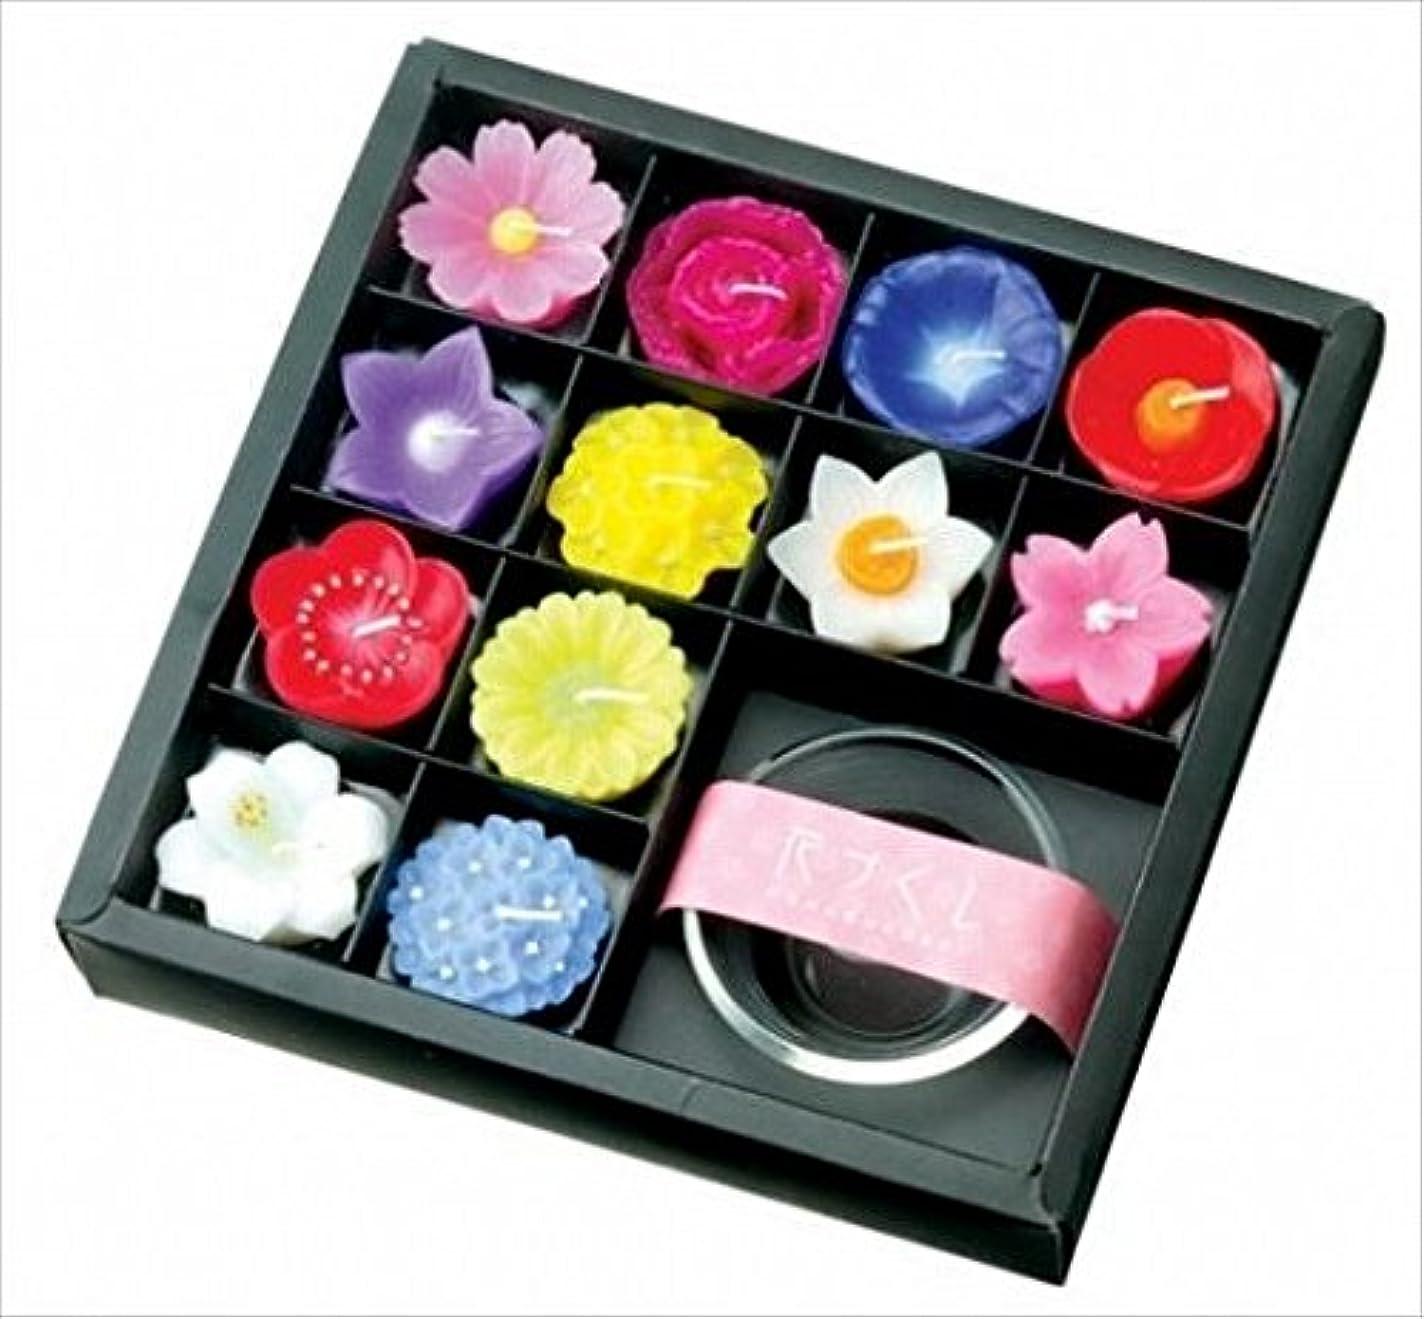 追放する徹底静かなkameyama candle(カメヤマキャンドル) 花づくしギフトセット キャンドル(A6099000)